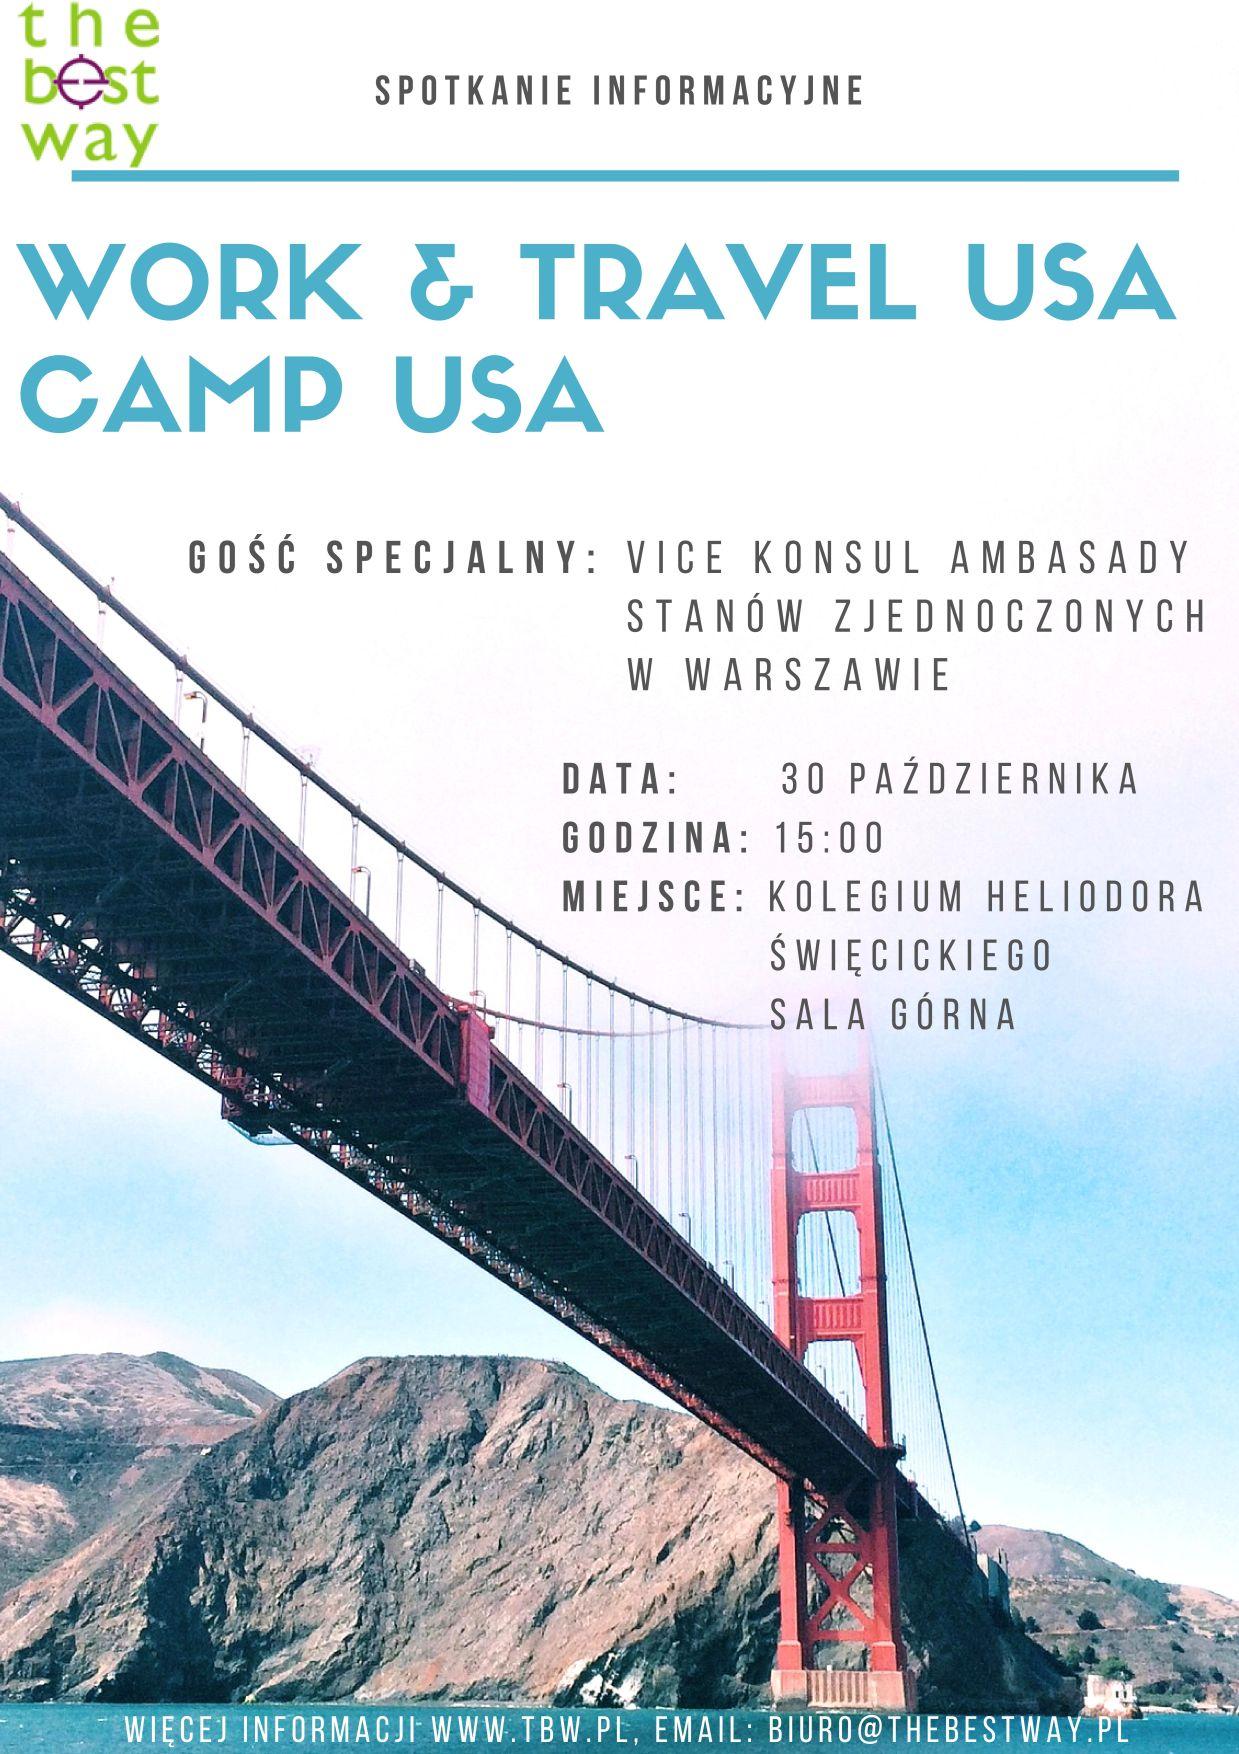 Camp USA, Work and Travel USA